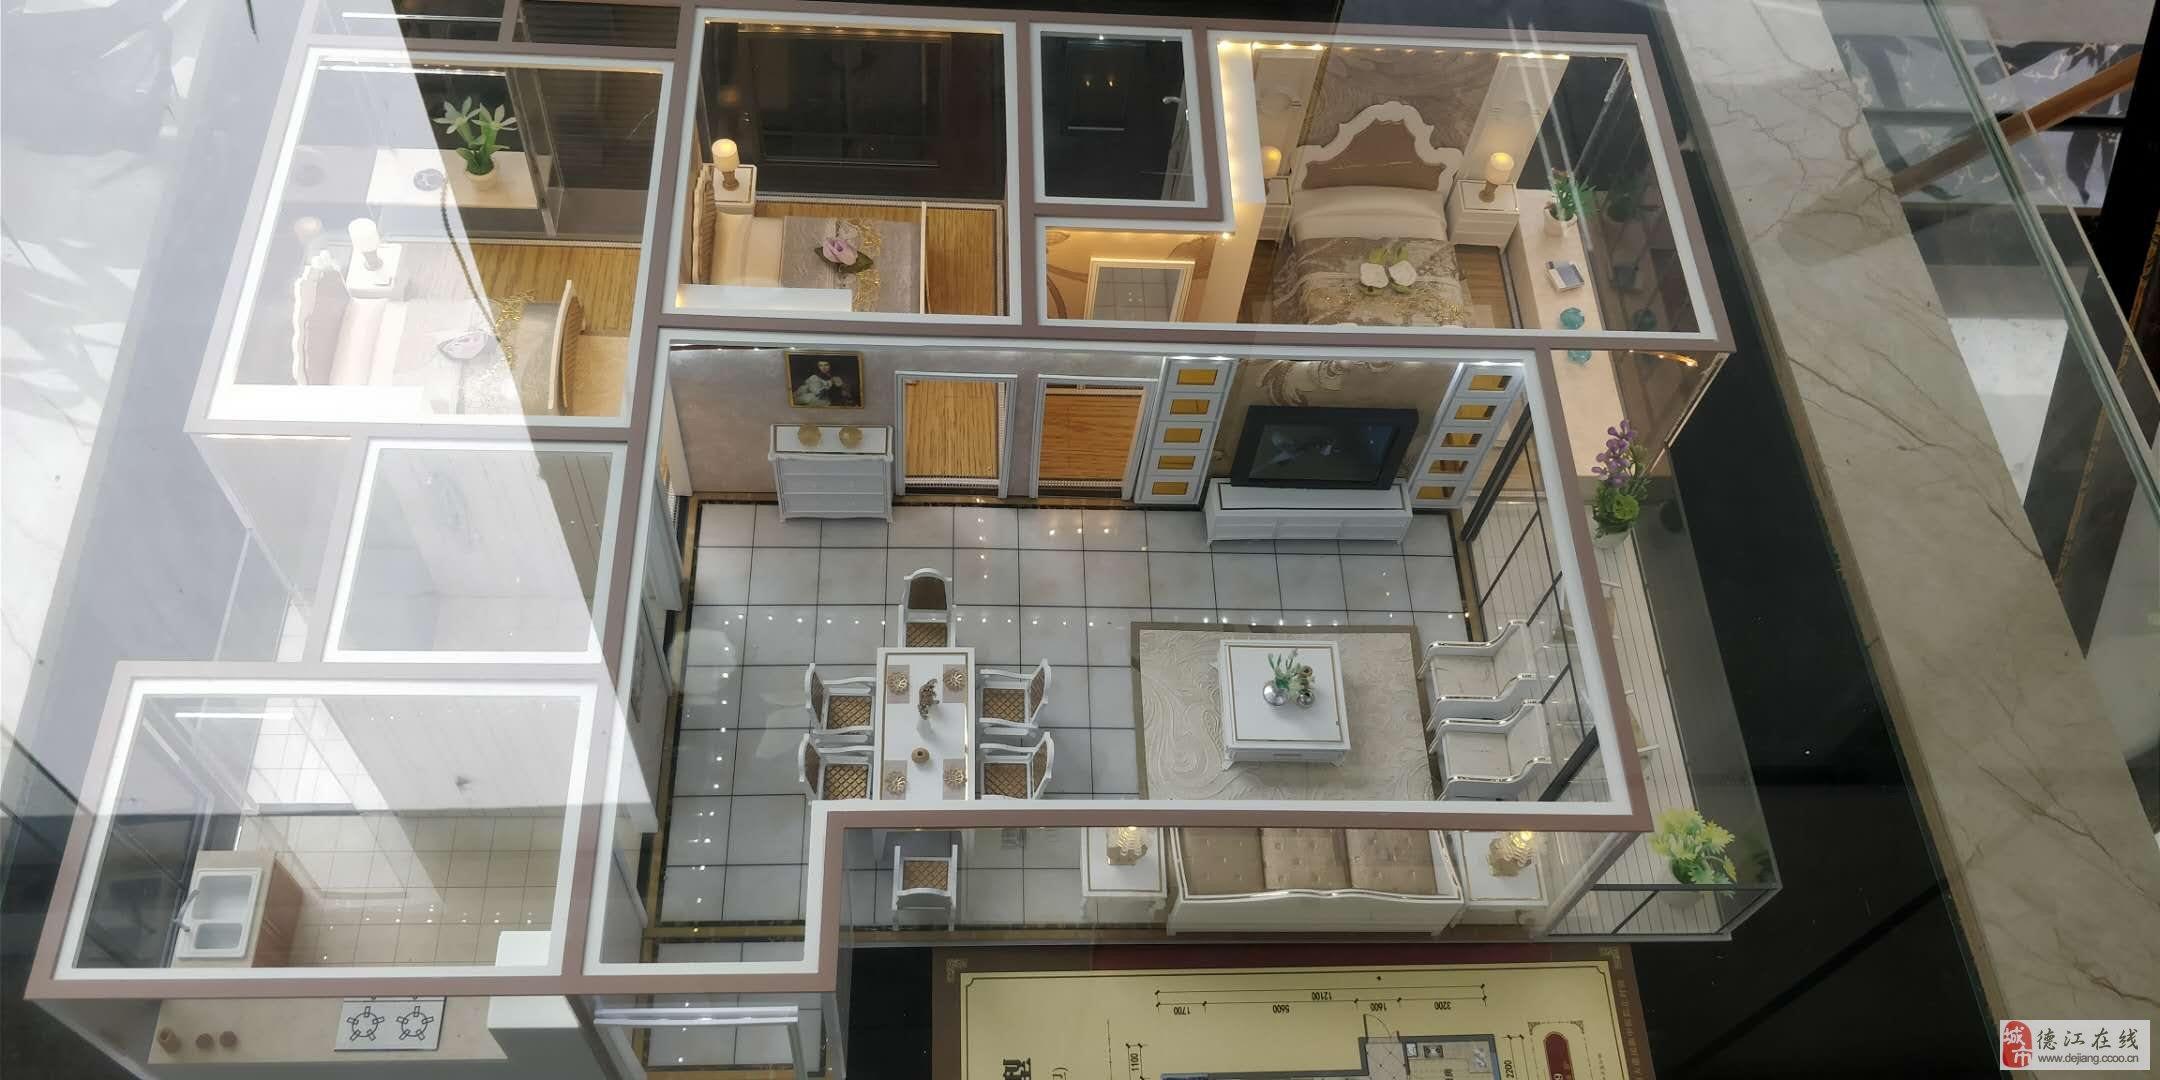 中京国际社区3室2厅2卫40万元